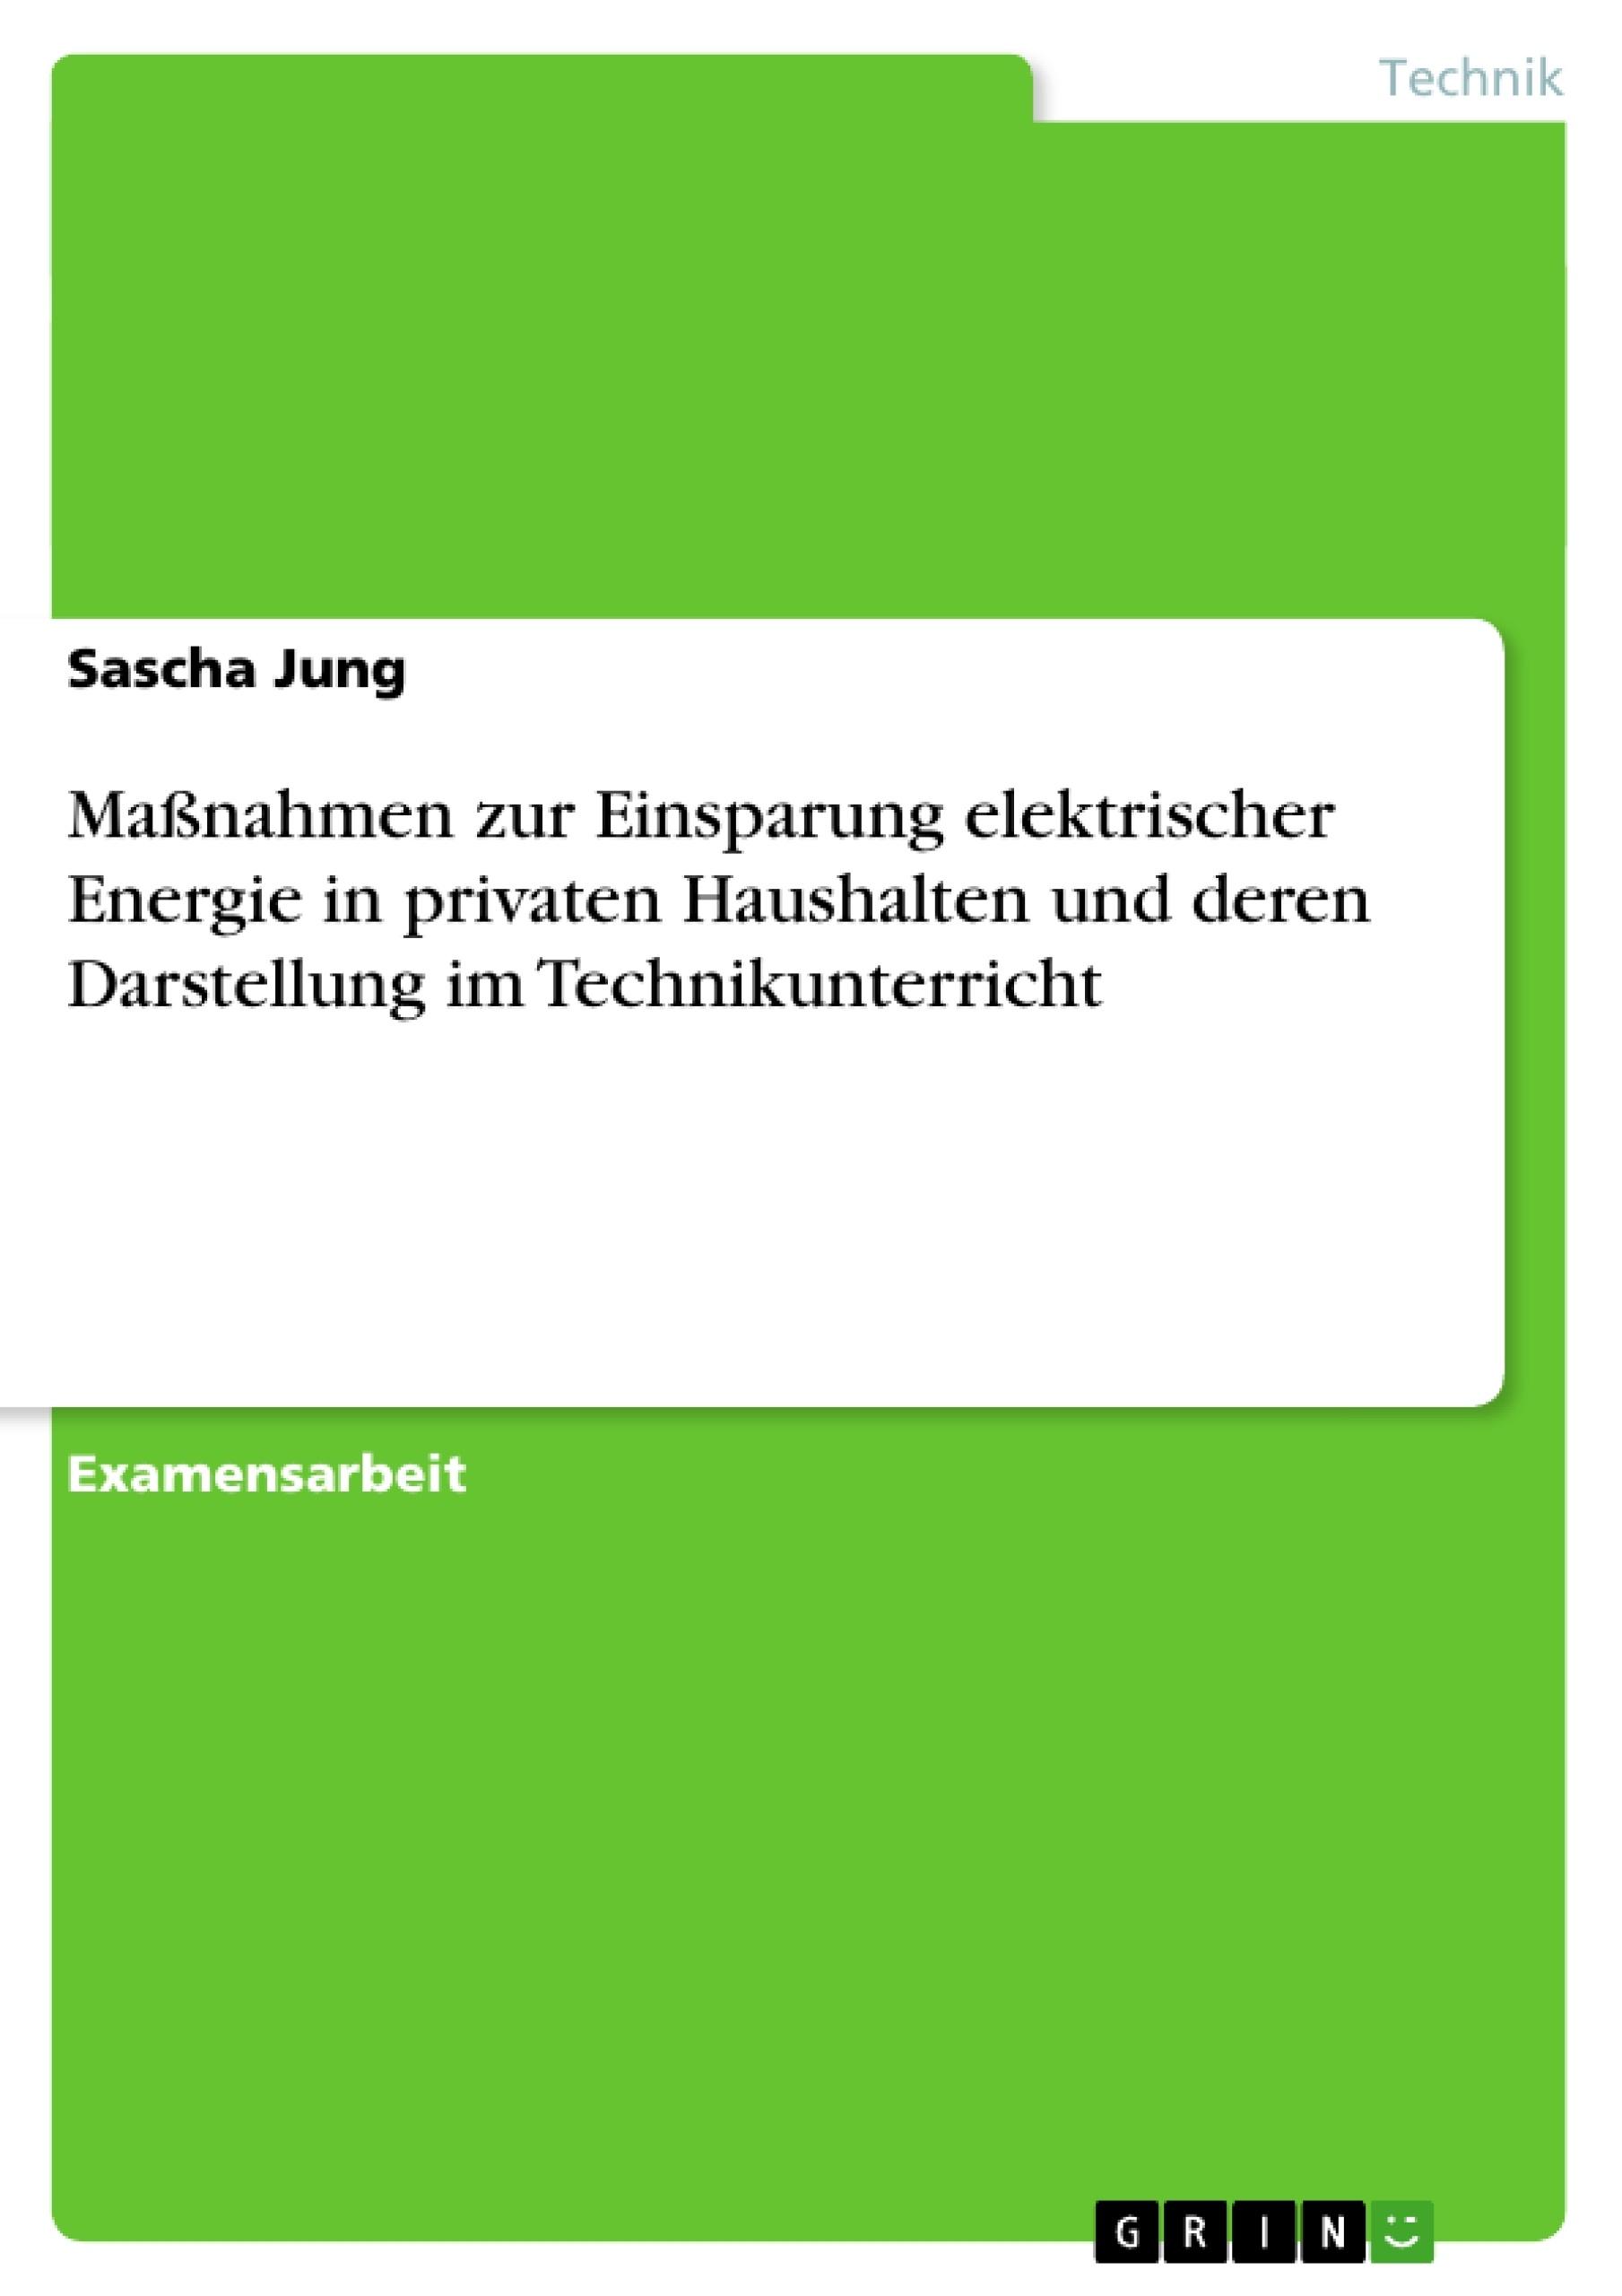 Titel: Maßnahmen zur Einsparung elektrischer Energie in privaten Haushalten und deren Darstellung im Technikunterricht